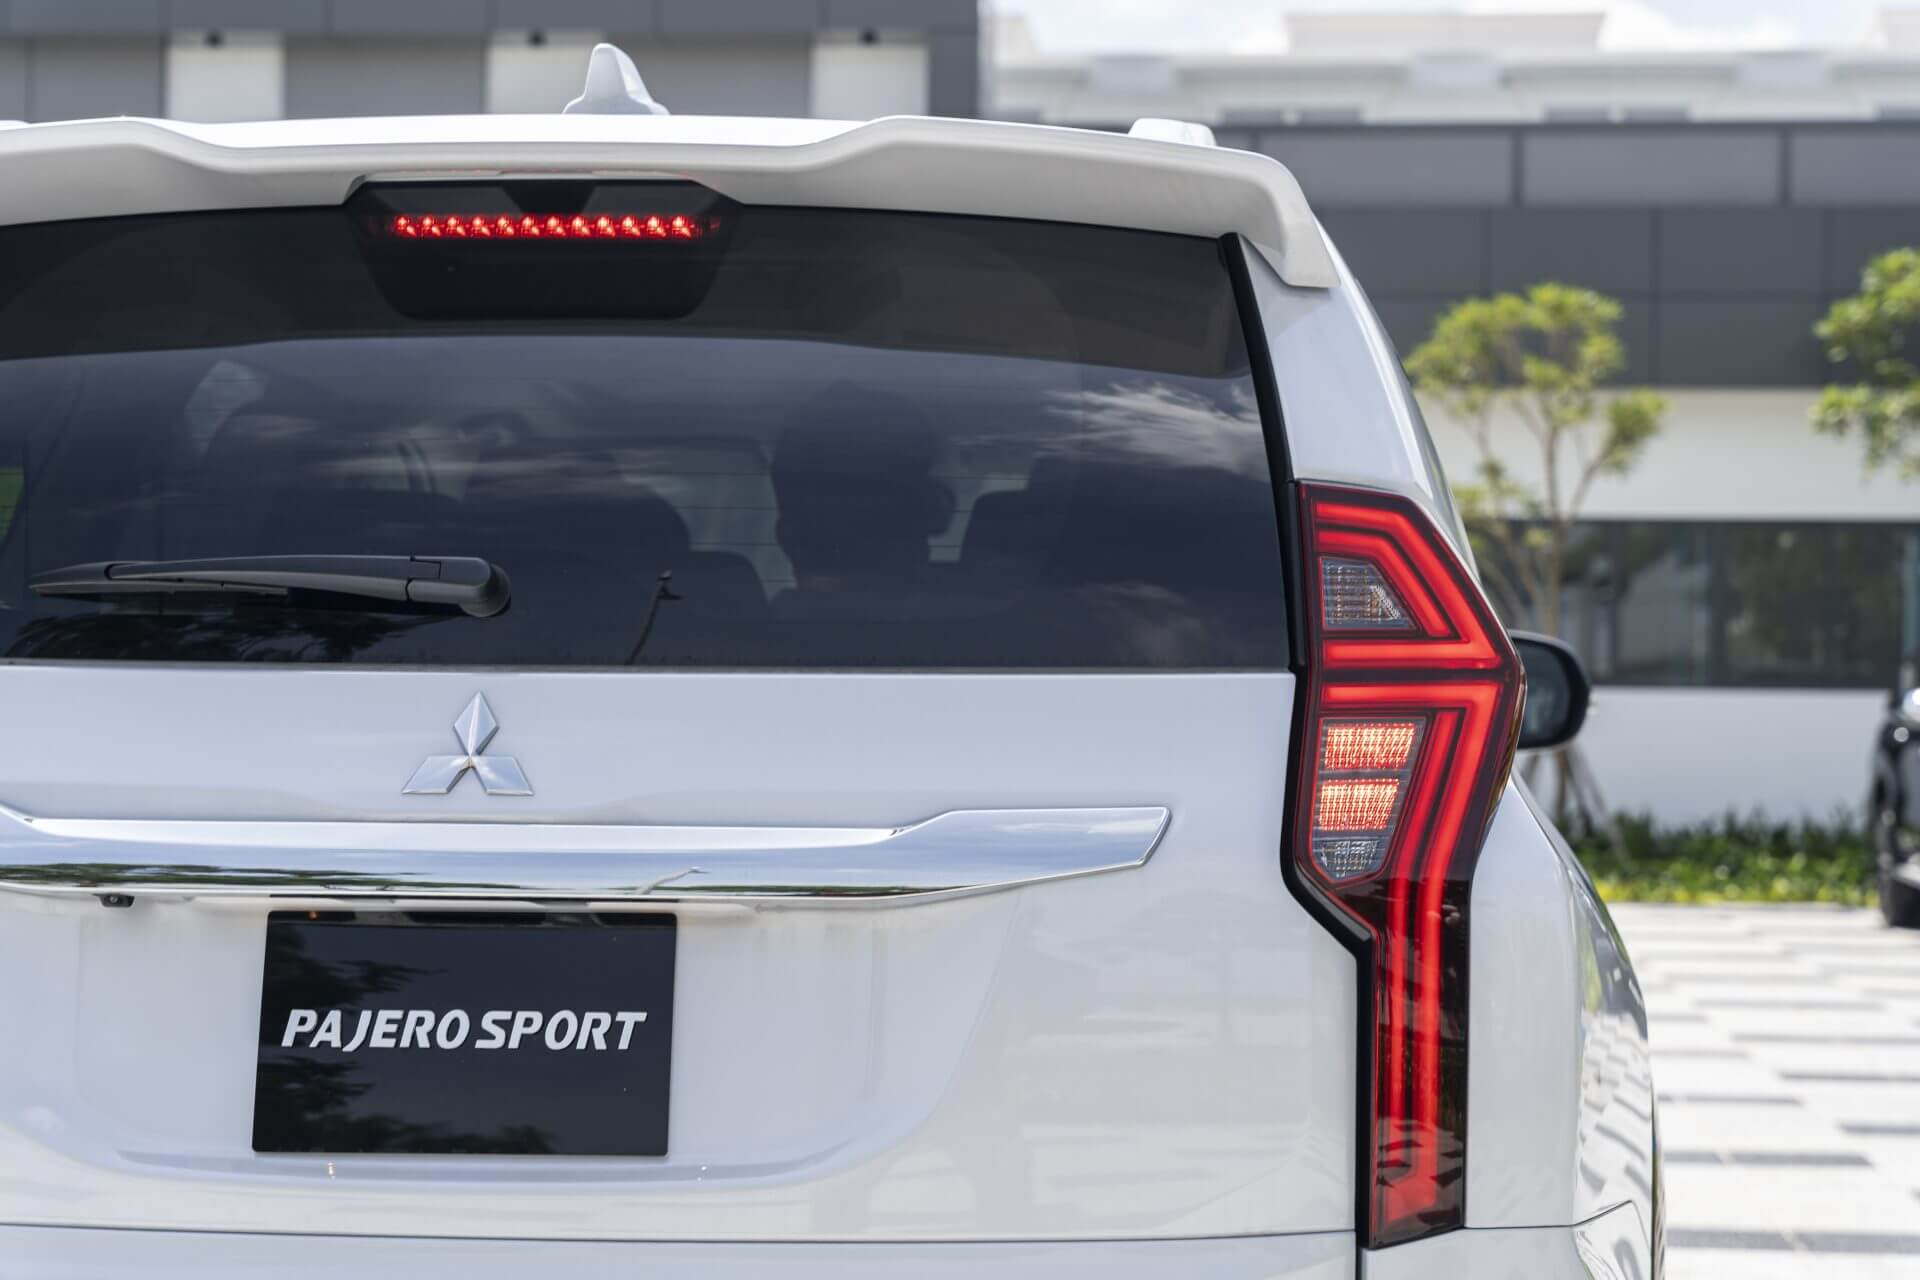 Mitsubishi pajero sport 2021 mới vận hành mạnh mẽ an toàn cao cấp tiện ích thông minh - 5